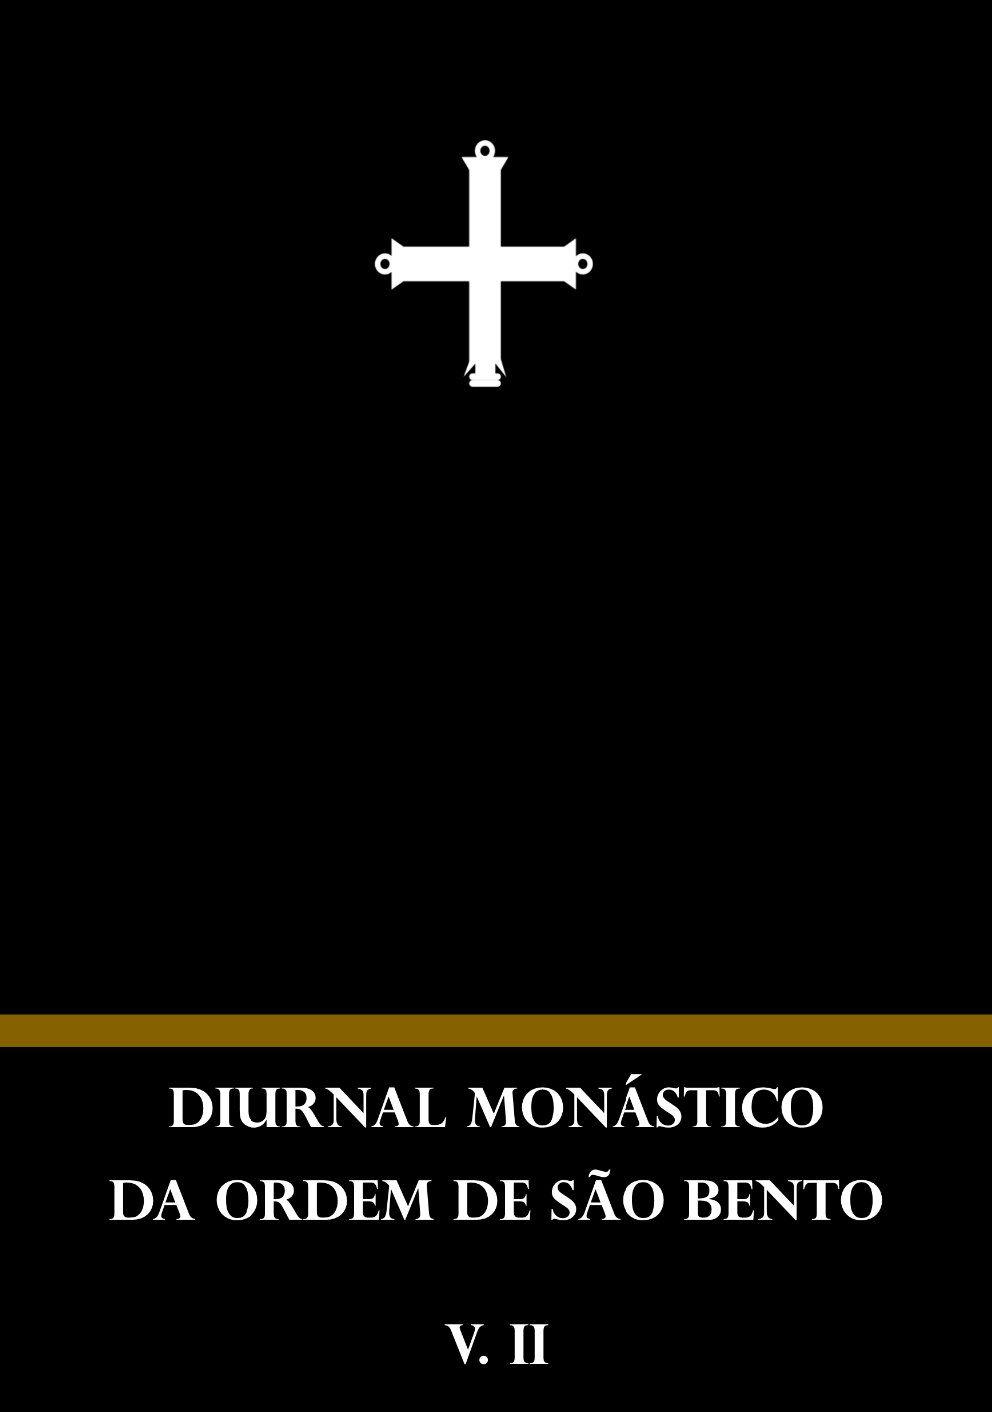 Diurnal Monástico Beneditino - V. II  - Livraria Santa Cruz